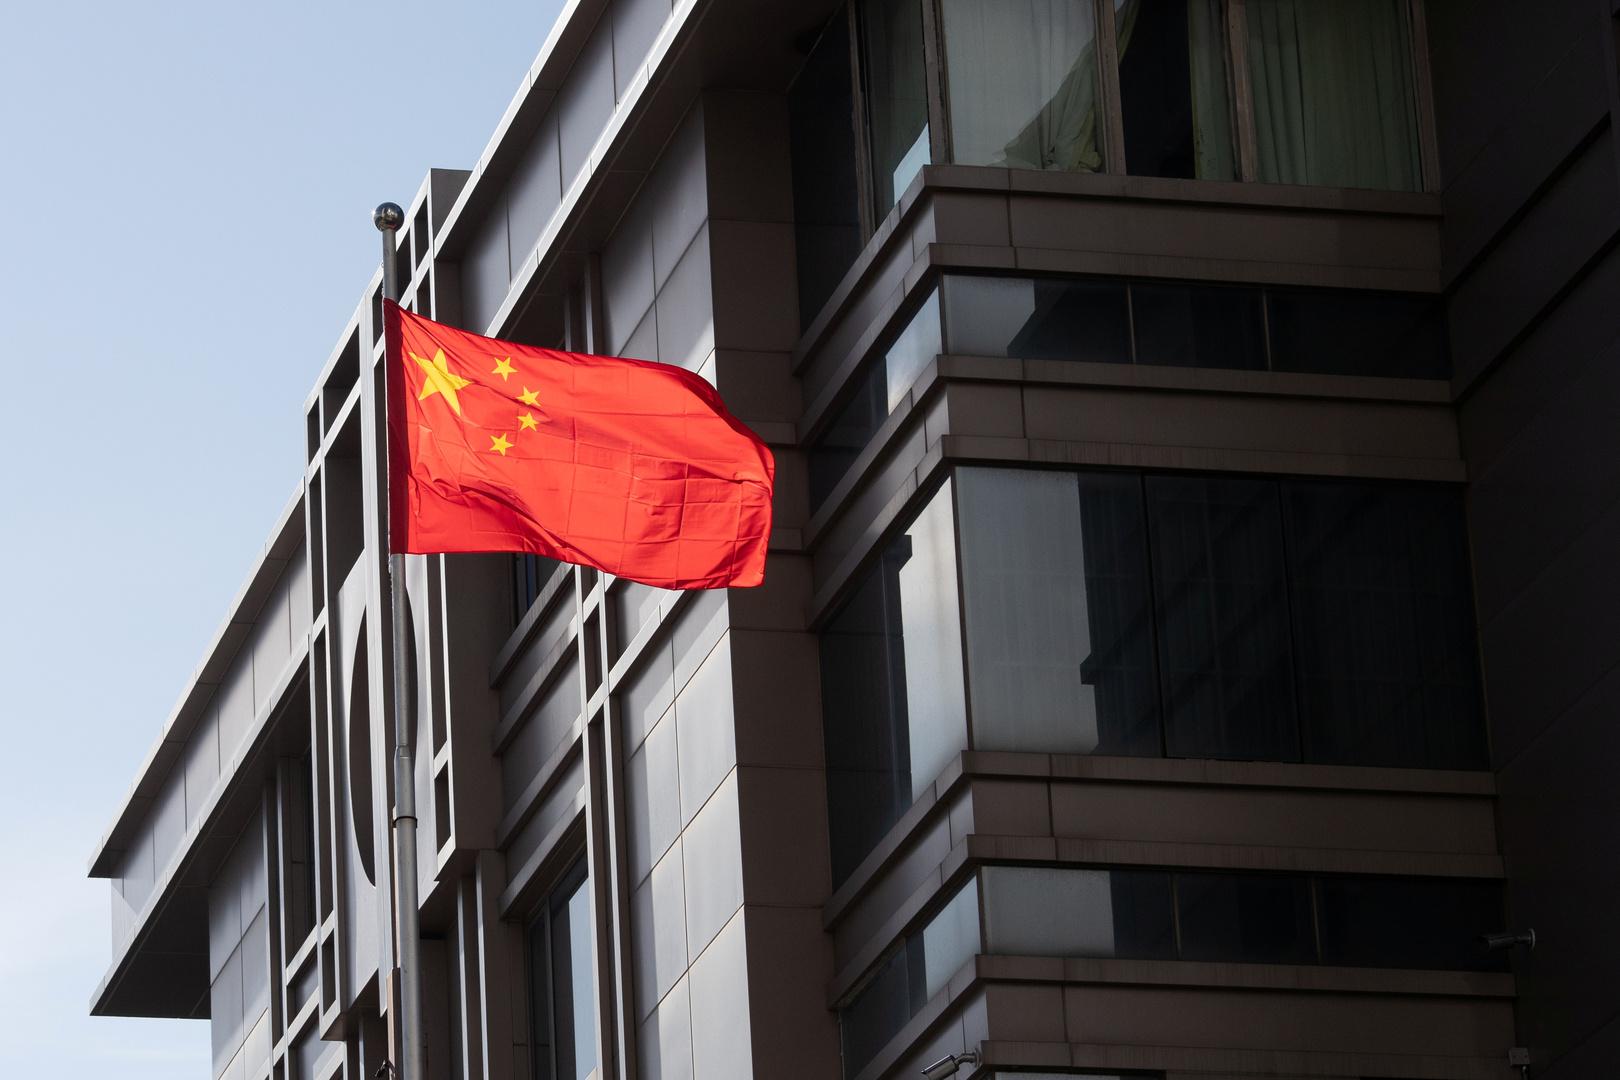 بكين: ادعاء واشنطن أن قنصلية هيوستن تسرق الملكية الفكرية هو افتراء